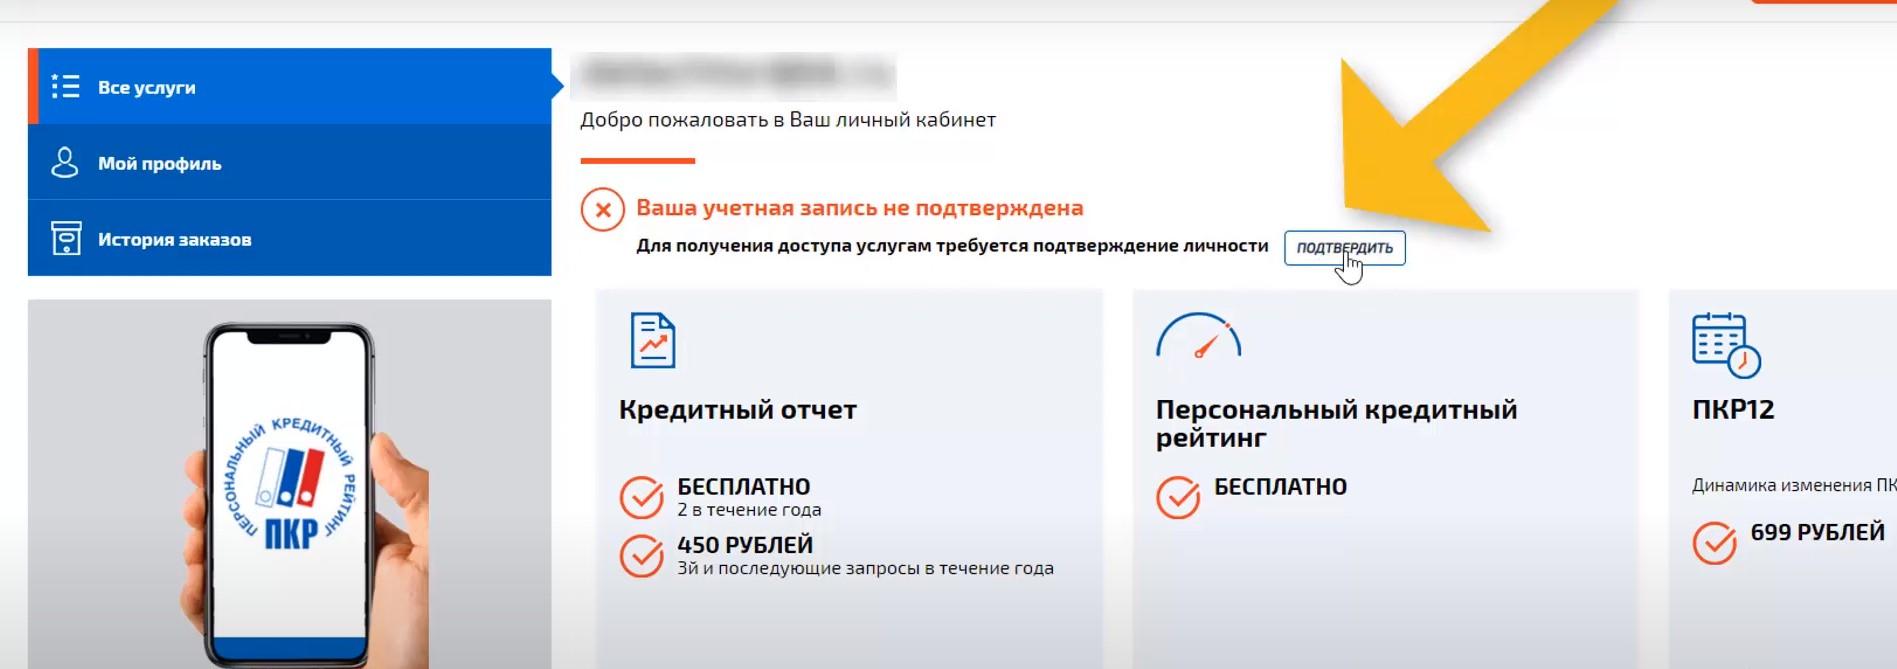 Подтвердить в бюро как узнать свой кредитный рейтинг бесплатно онлайн